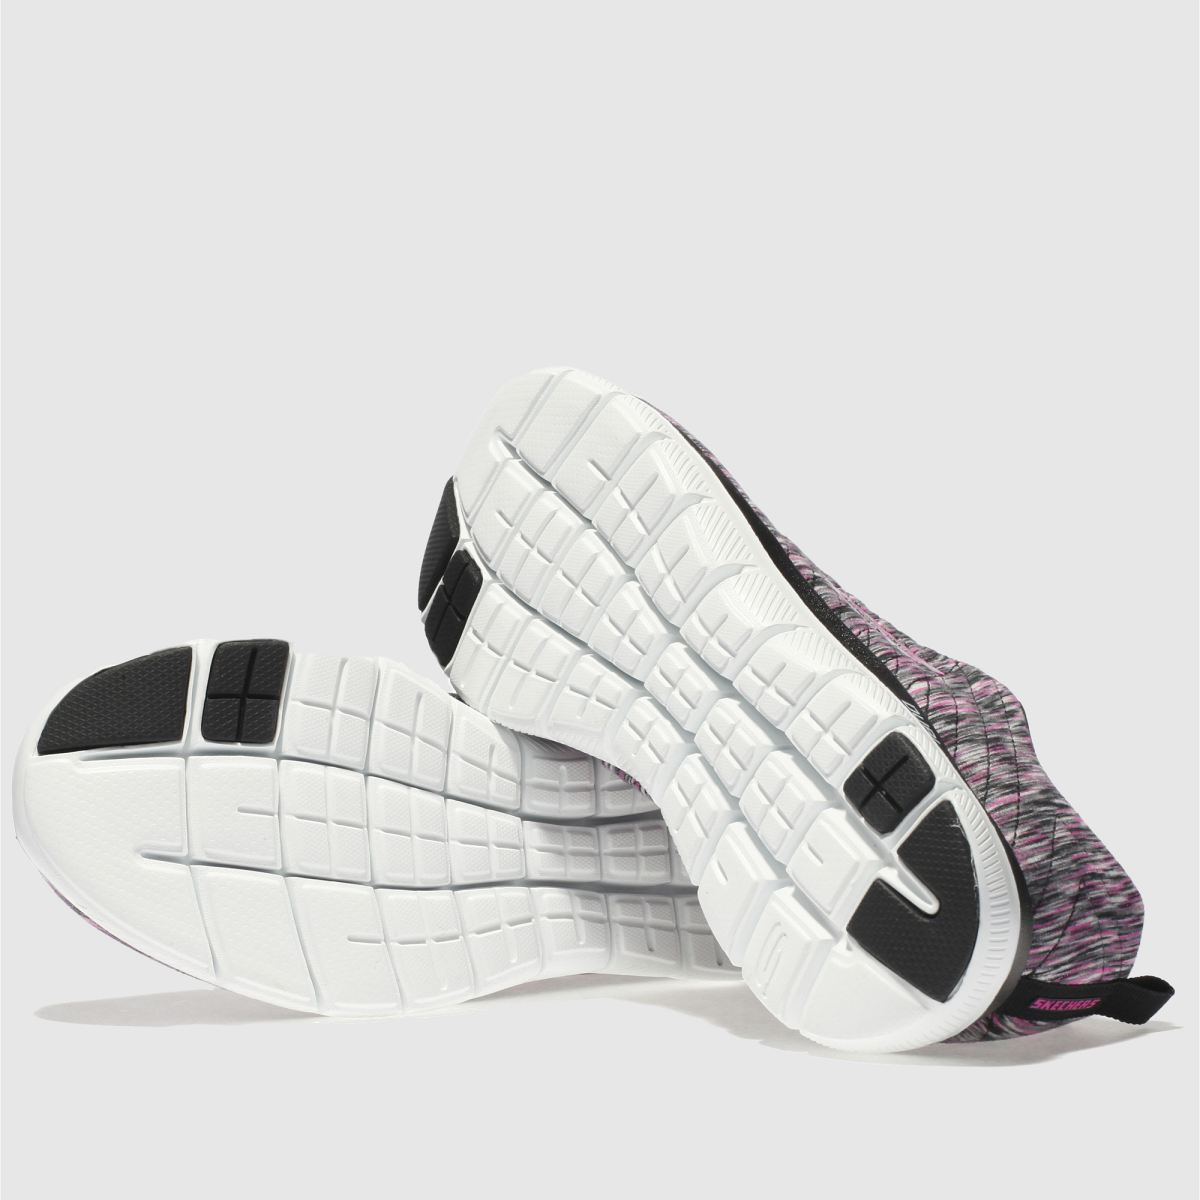 Damen 2.0 Schwarz-pink skechers Flex Appeal 2.0 Damen Reflections Sneaker | schuh Gute Qualität beliebte Schuhe 9248a5